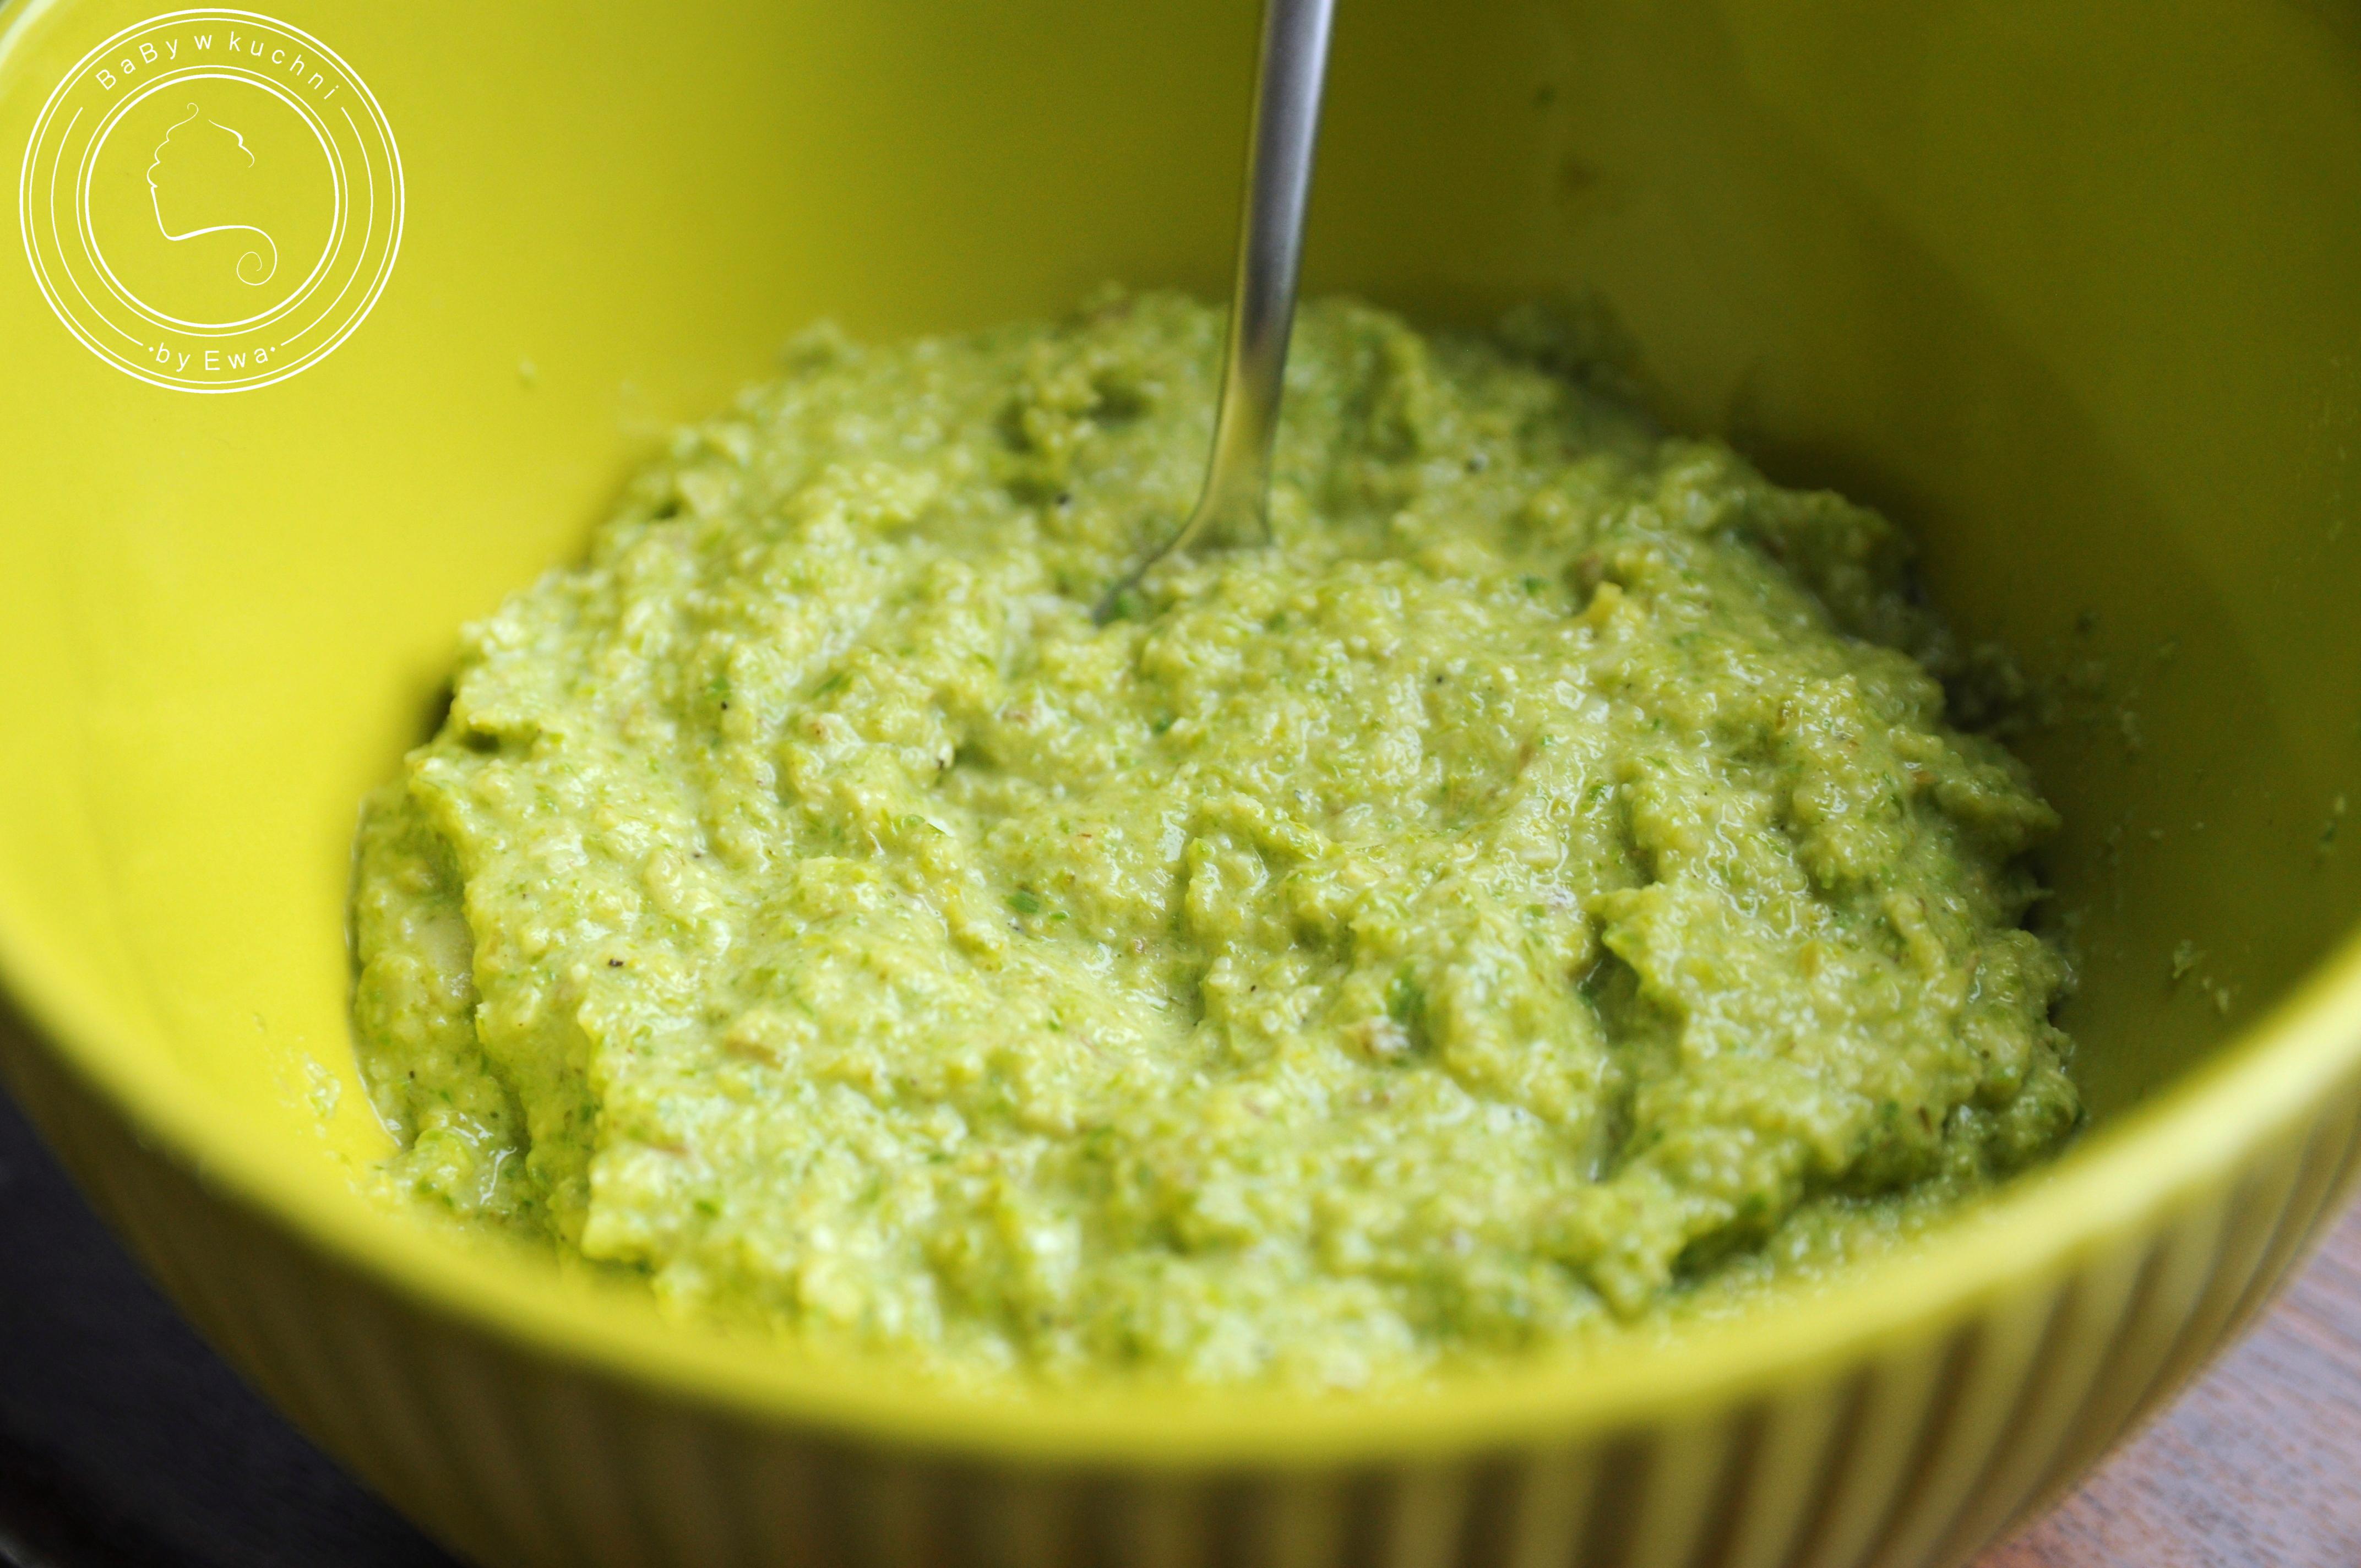 Pesto ze szparagów przepis podstawowy